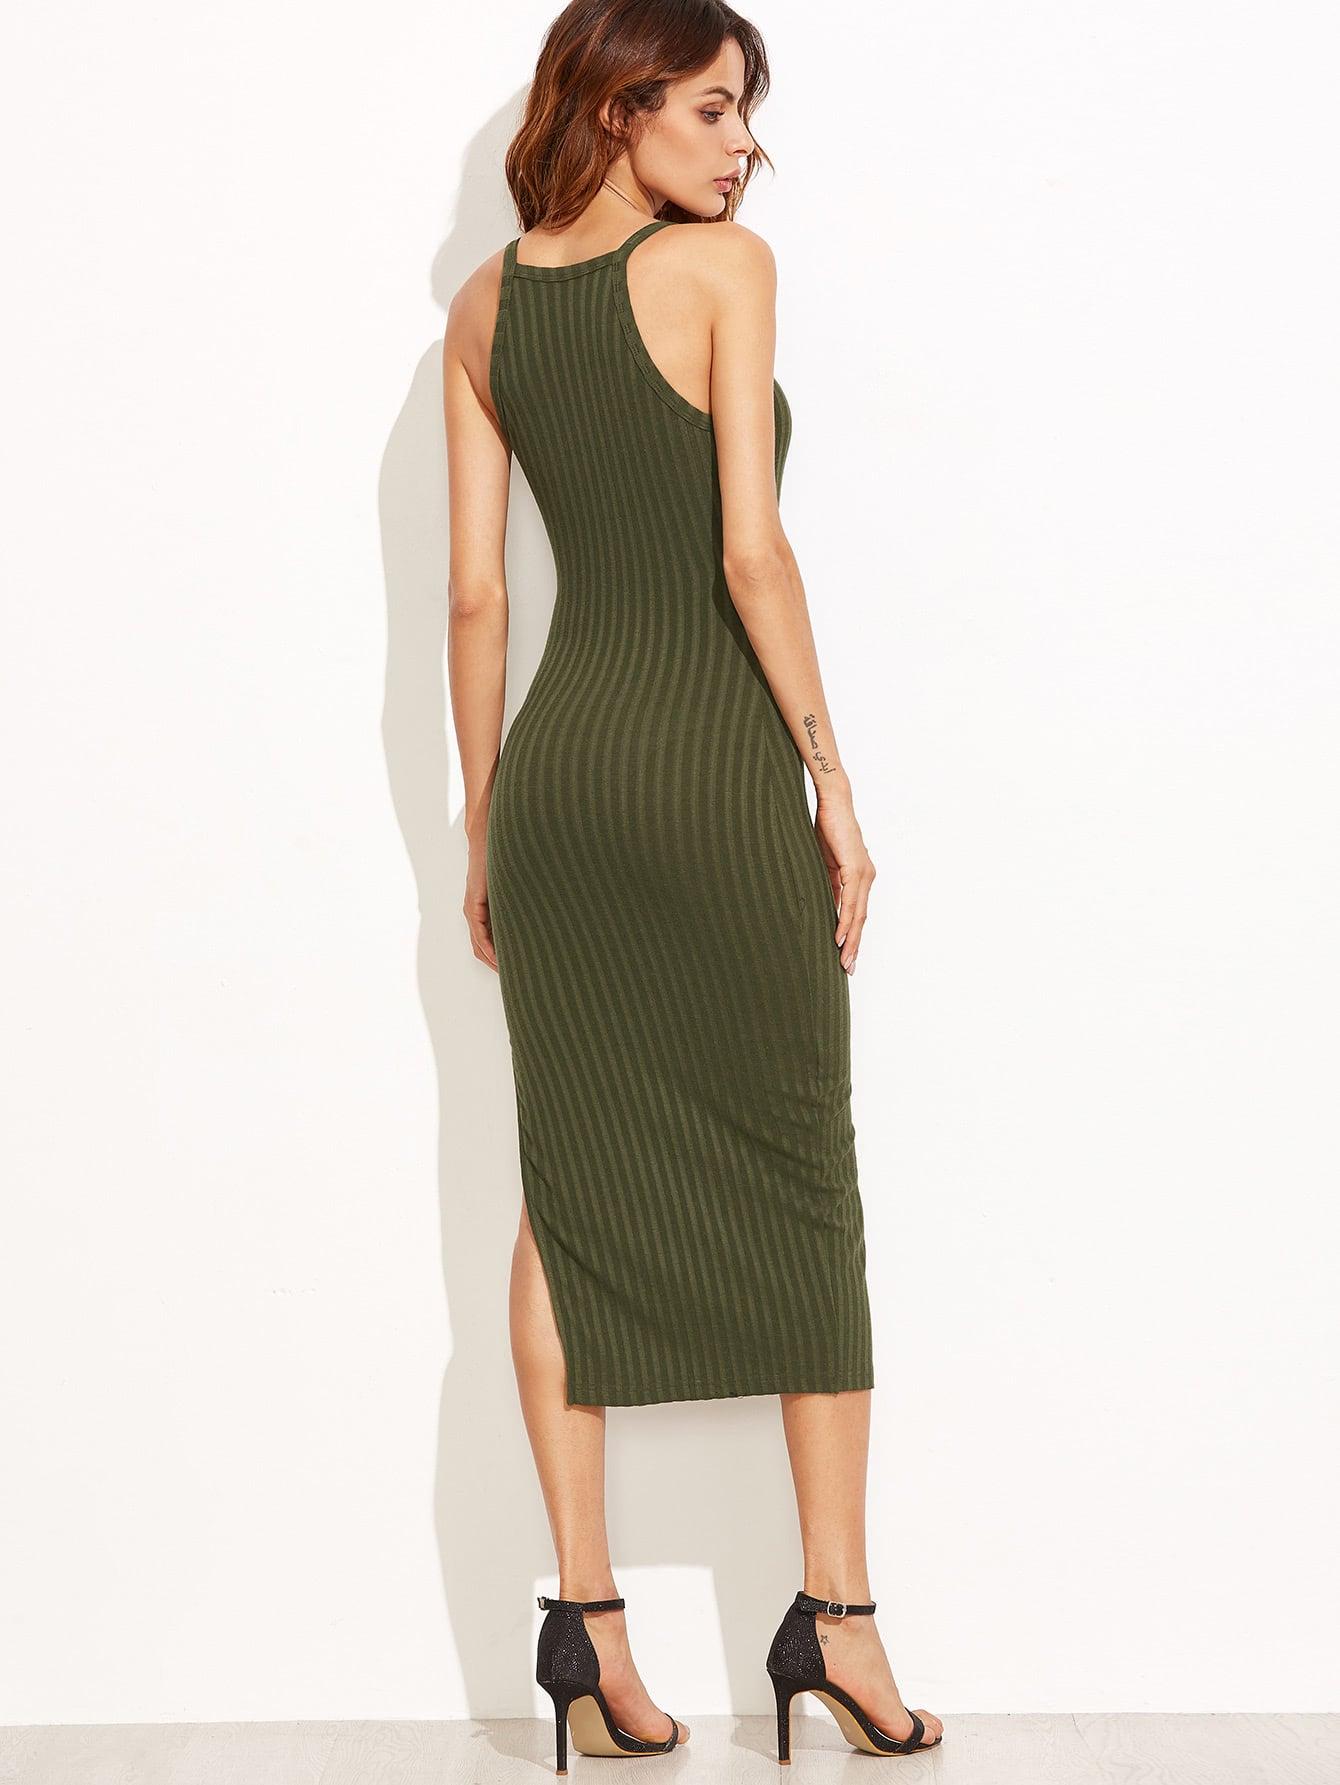 Olive Green Side Slit Ribbed Cami Dress